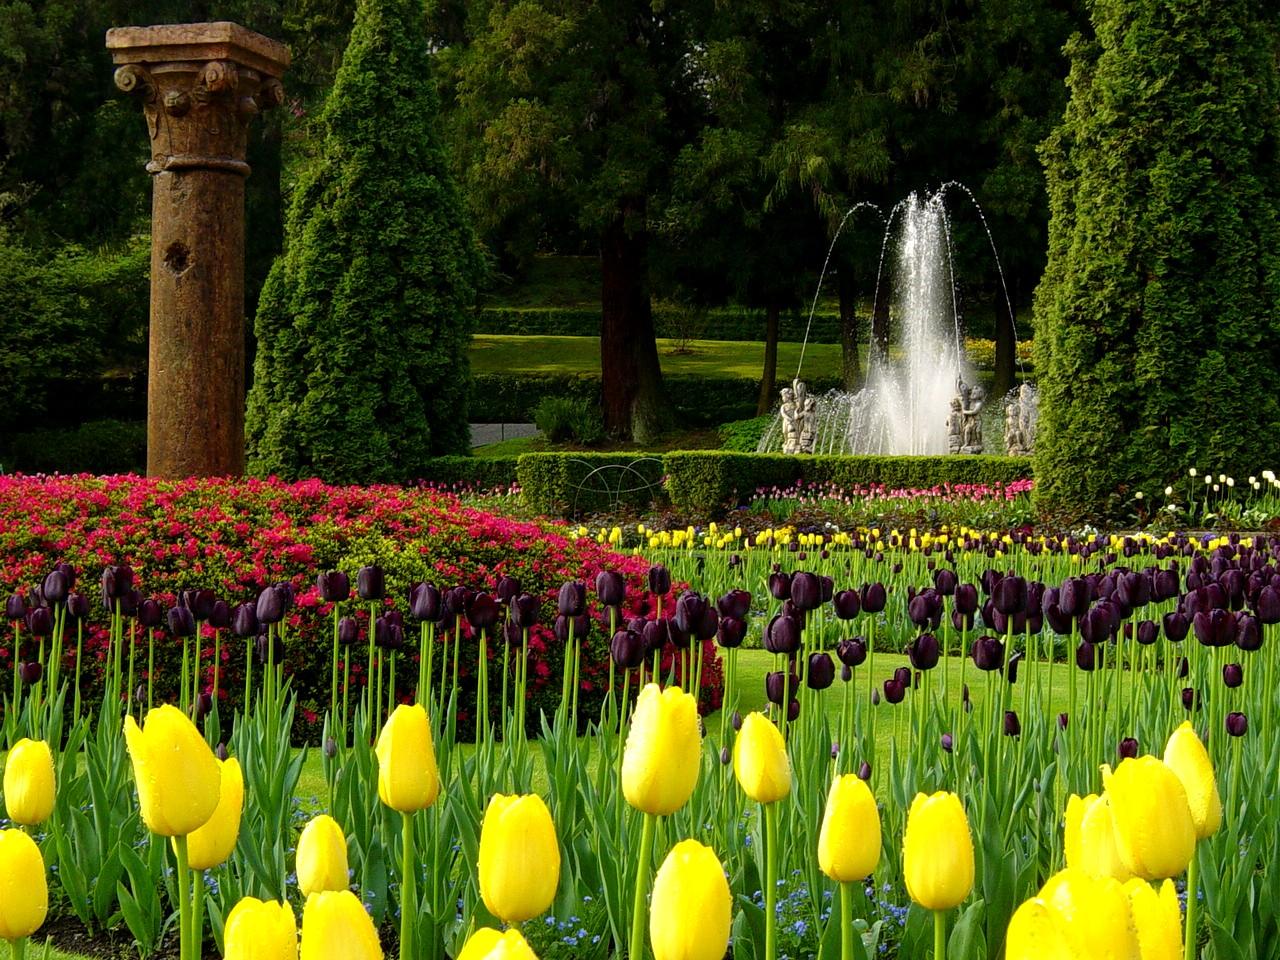 I giardini di villa taranto uno dei giardini botanici pi - Giardini bellissimi ...